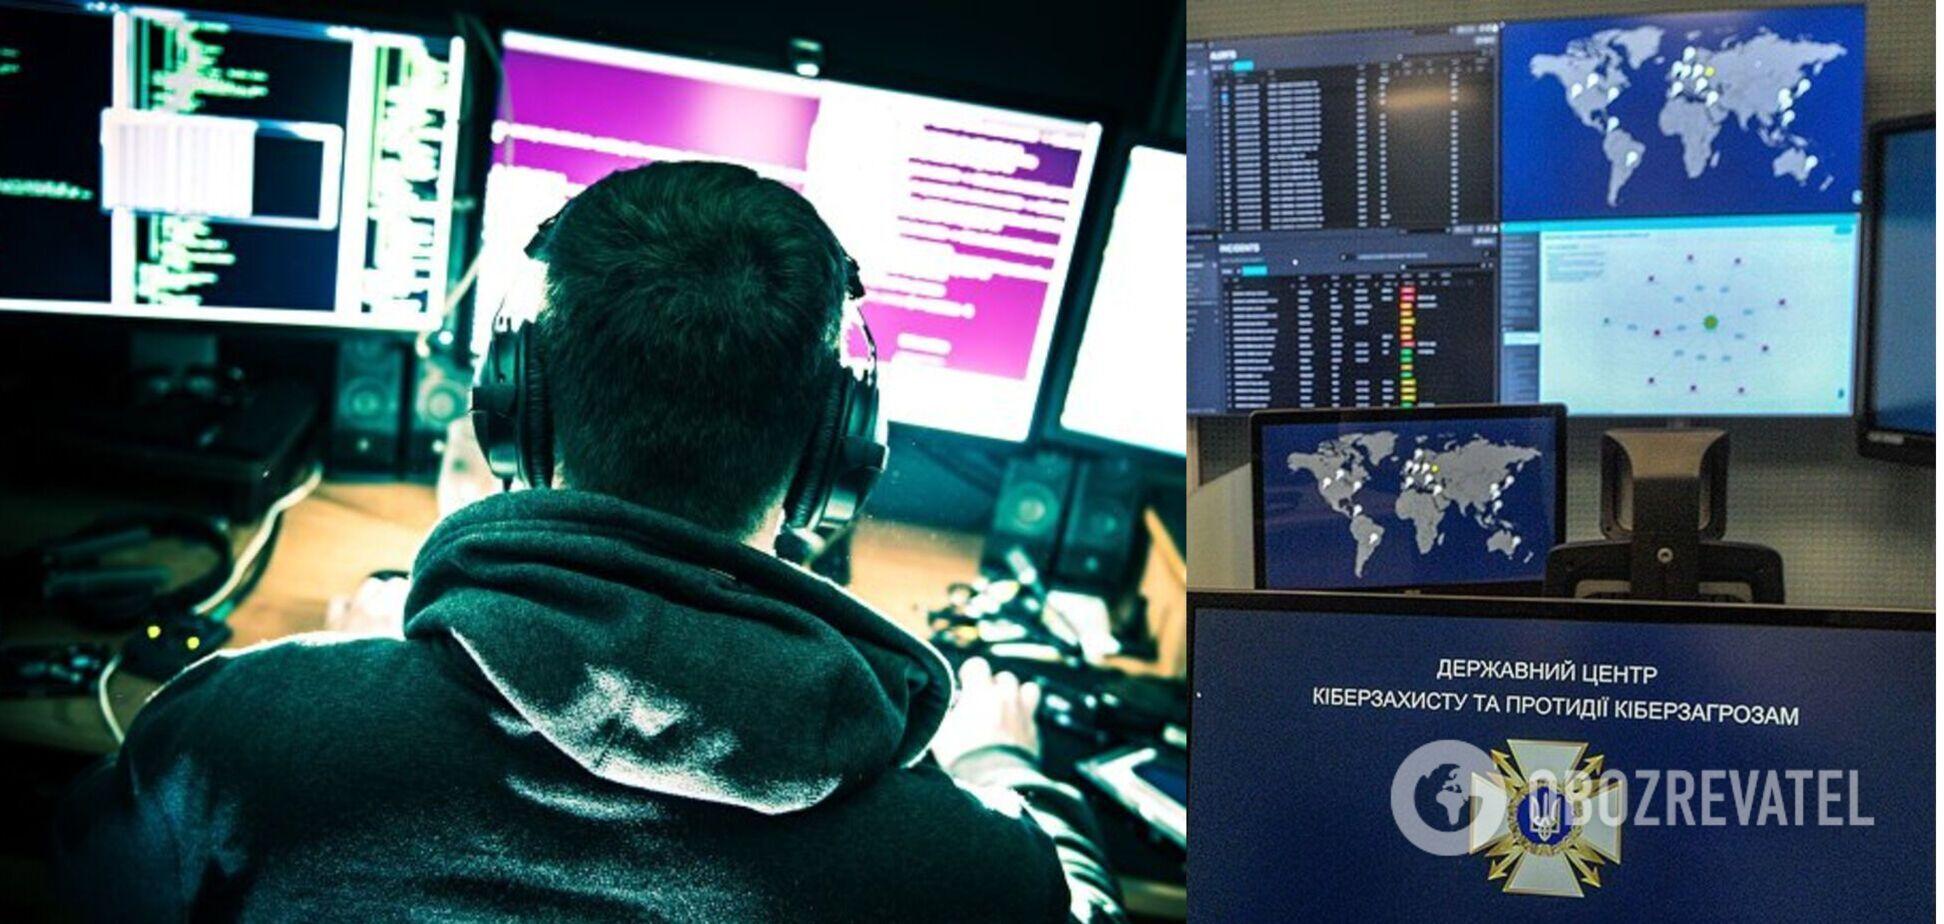 Хакери з РФ атакували систему електронних державних органів в Україні